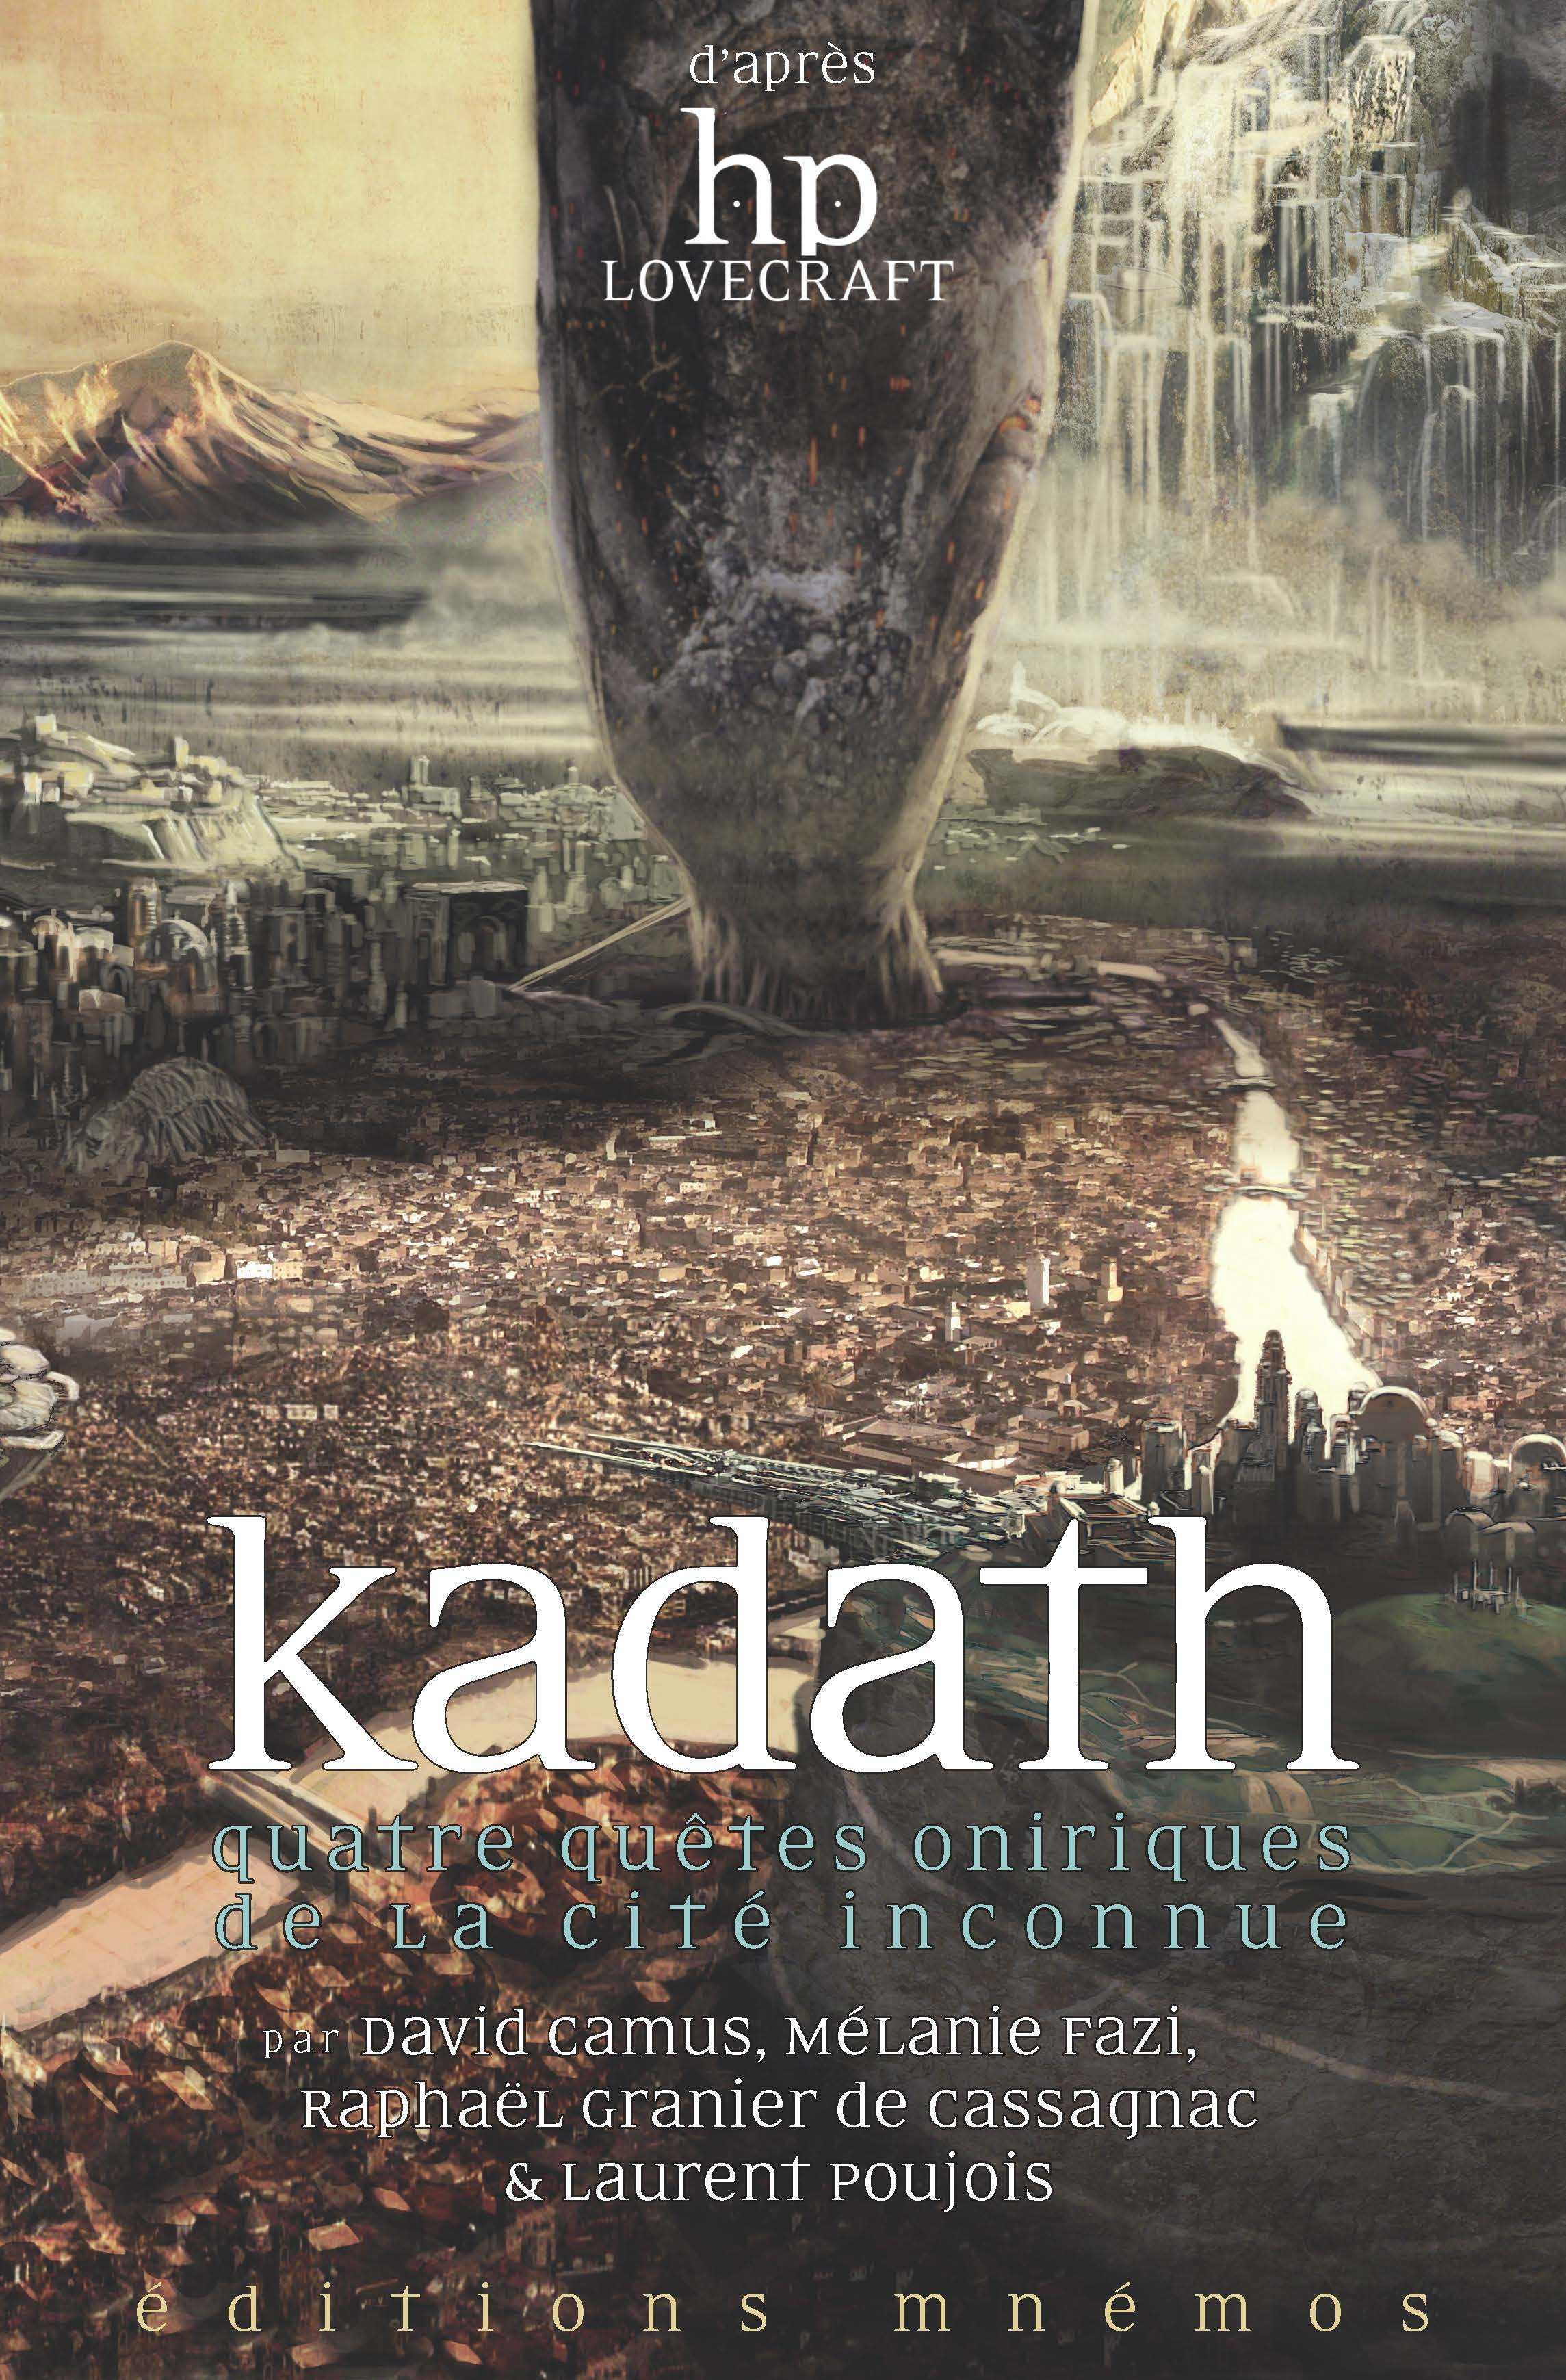 KADATH - QUATRE QUETES ONIRIQUES DE LA CITE INCONNUE